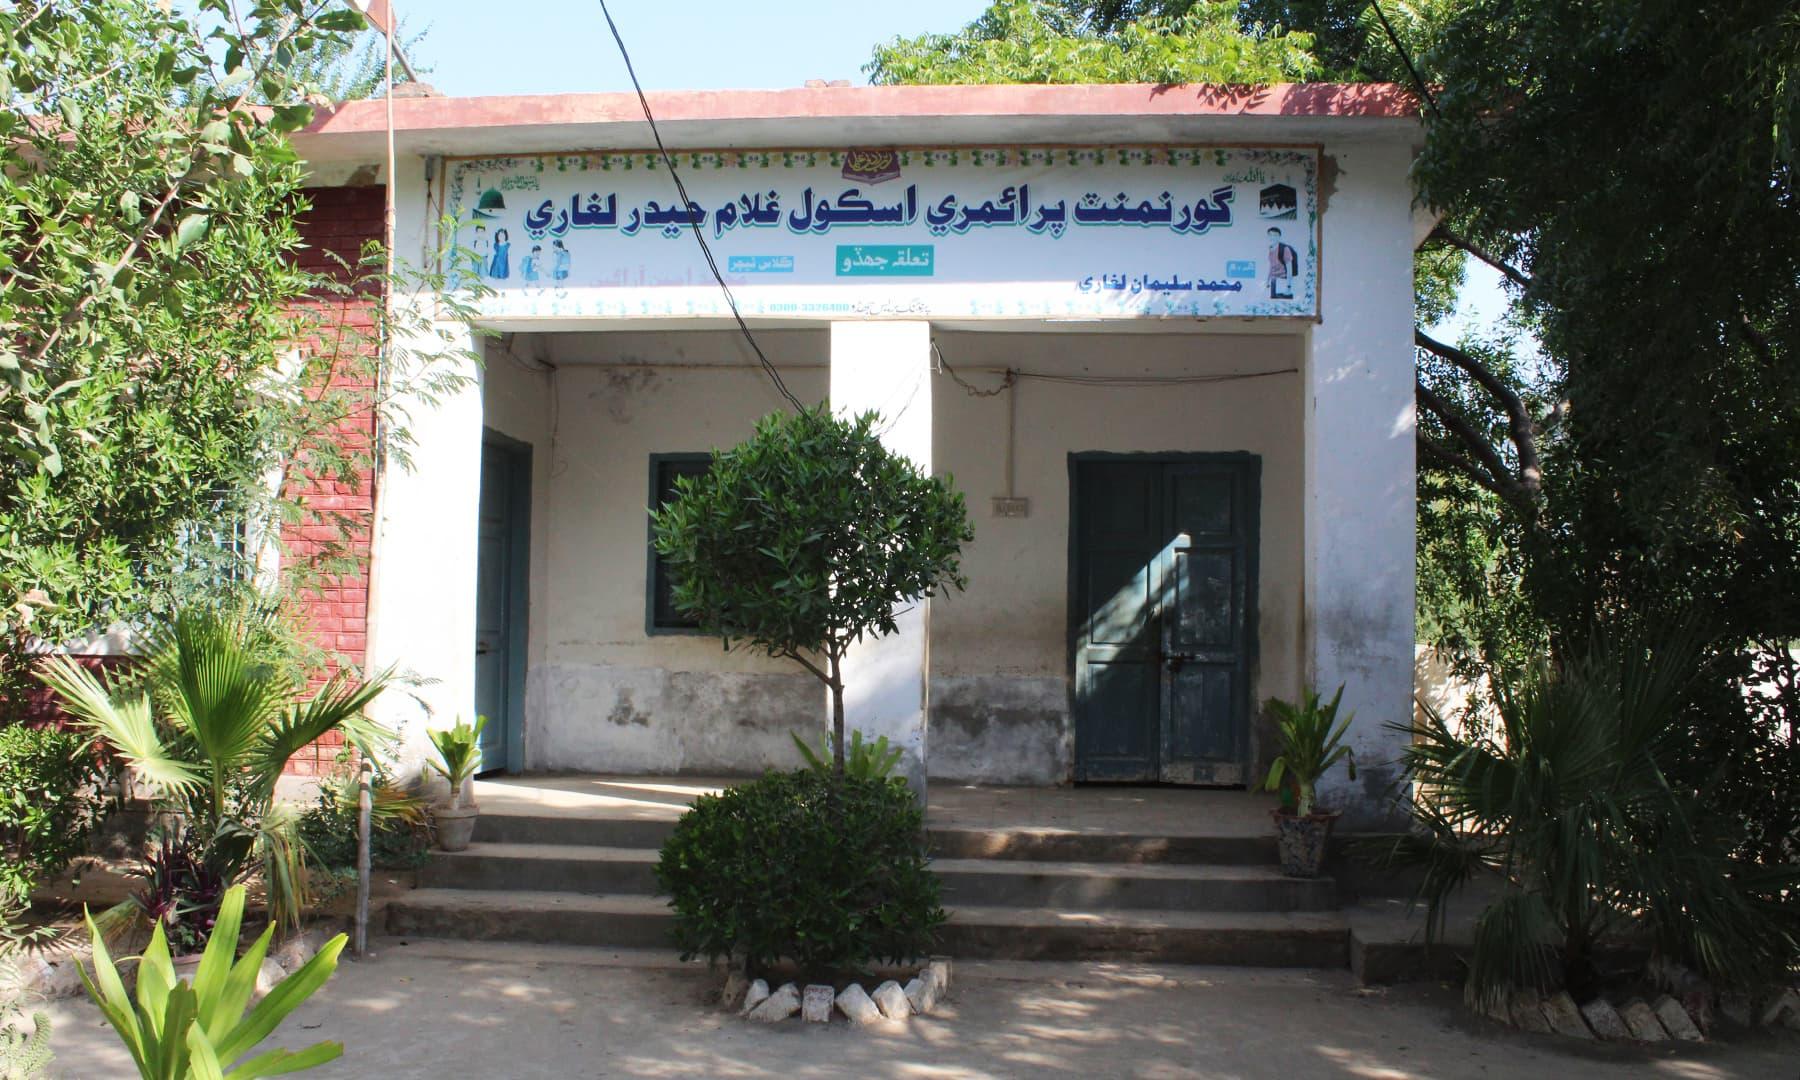 غلام حیدر لغاری کے گاؤں میں واقع ان کے نام سے منسوب پرائمری اسکول—تصویر اختر حفیظ